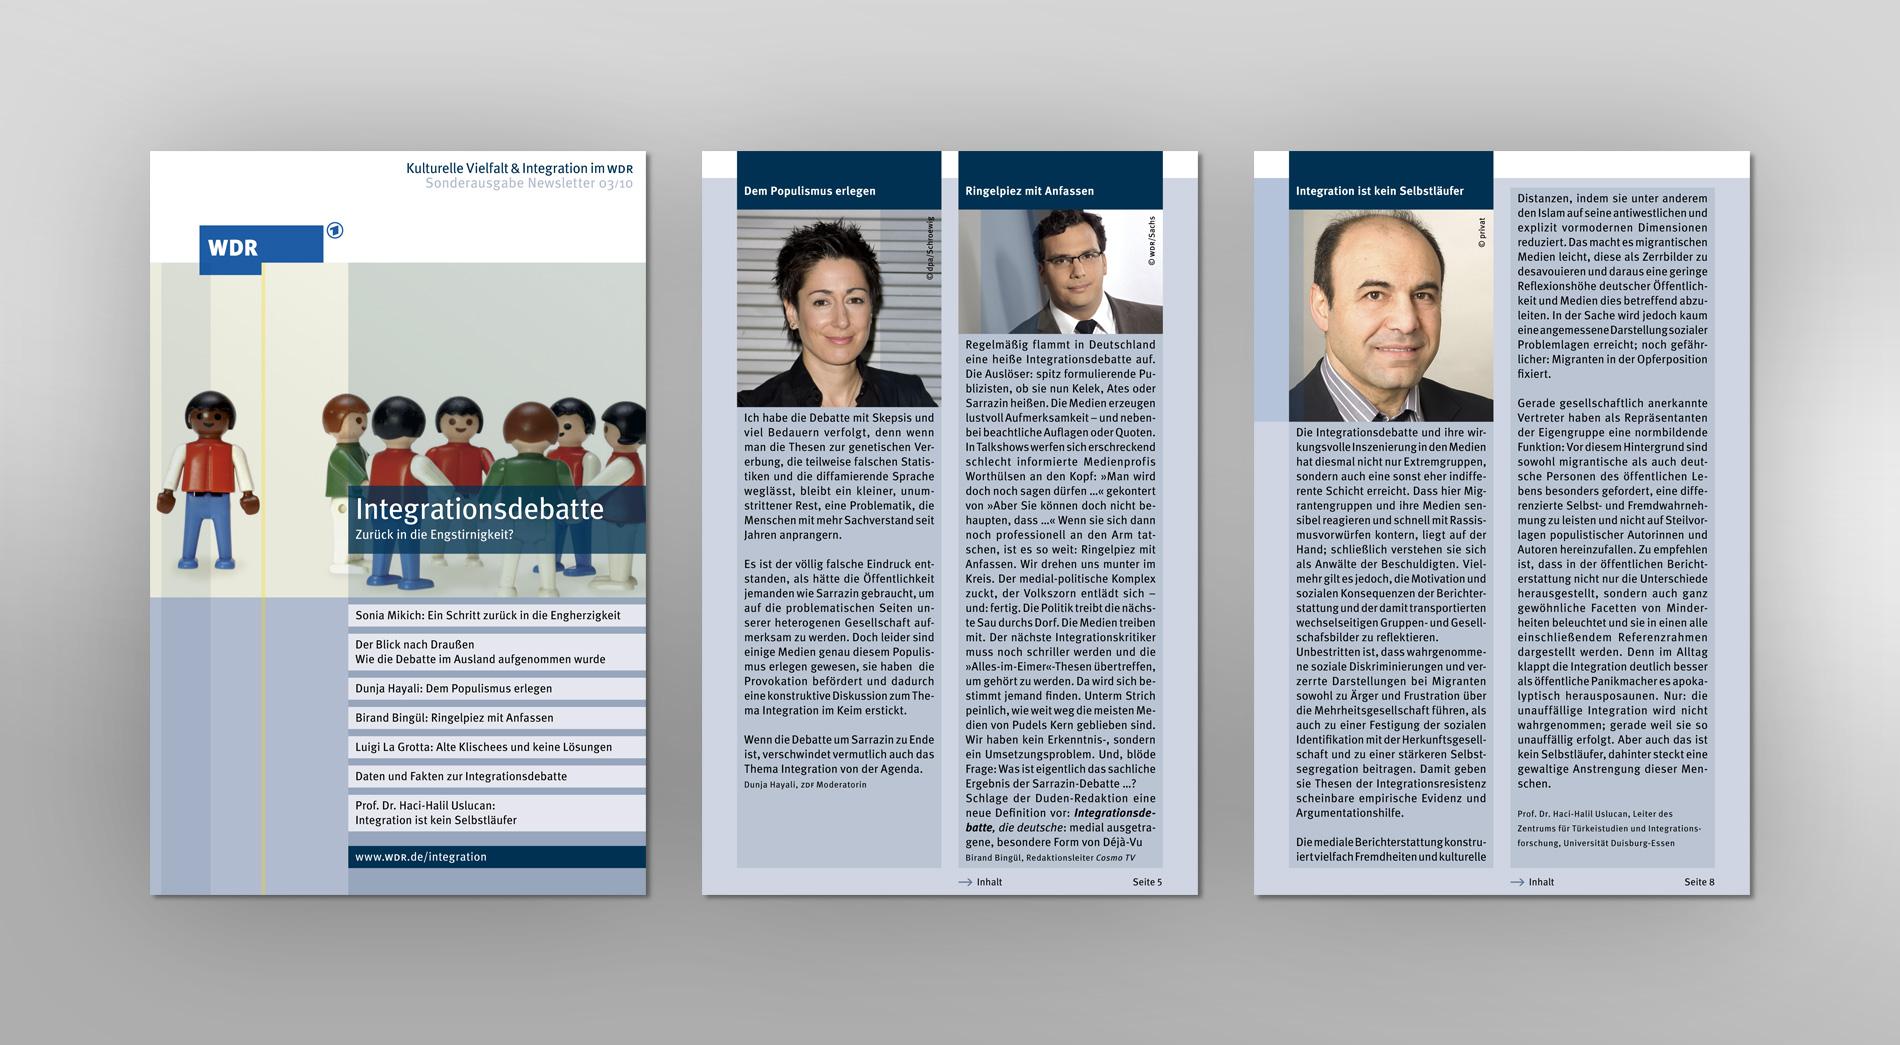 WDR Newsletter 03/2010 für kulturelle Vielfalt und Integration